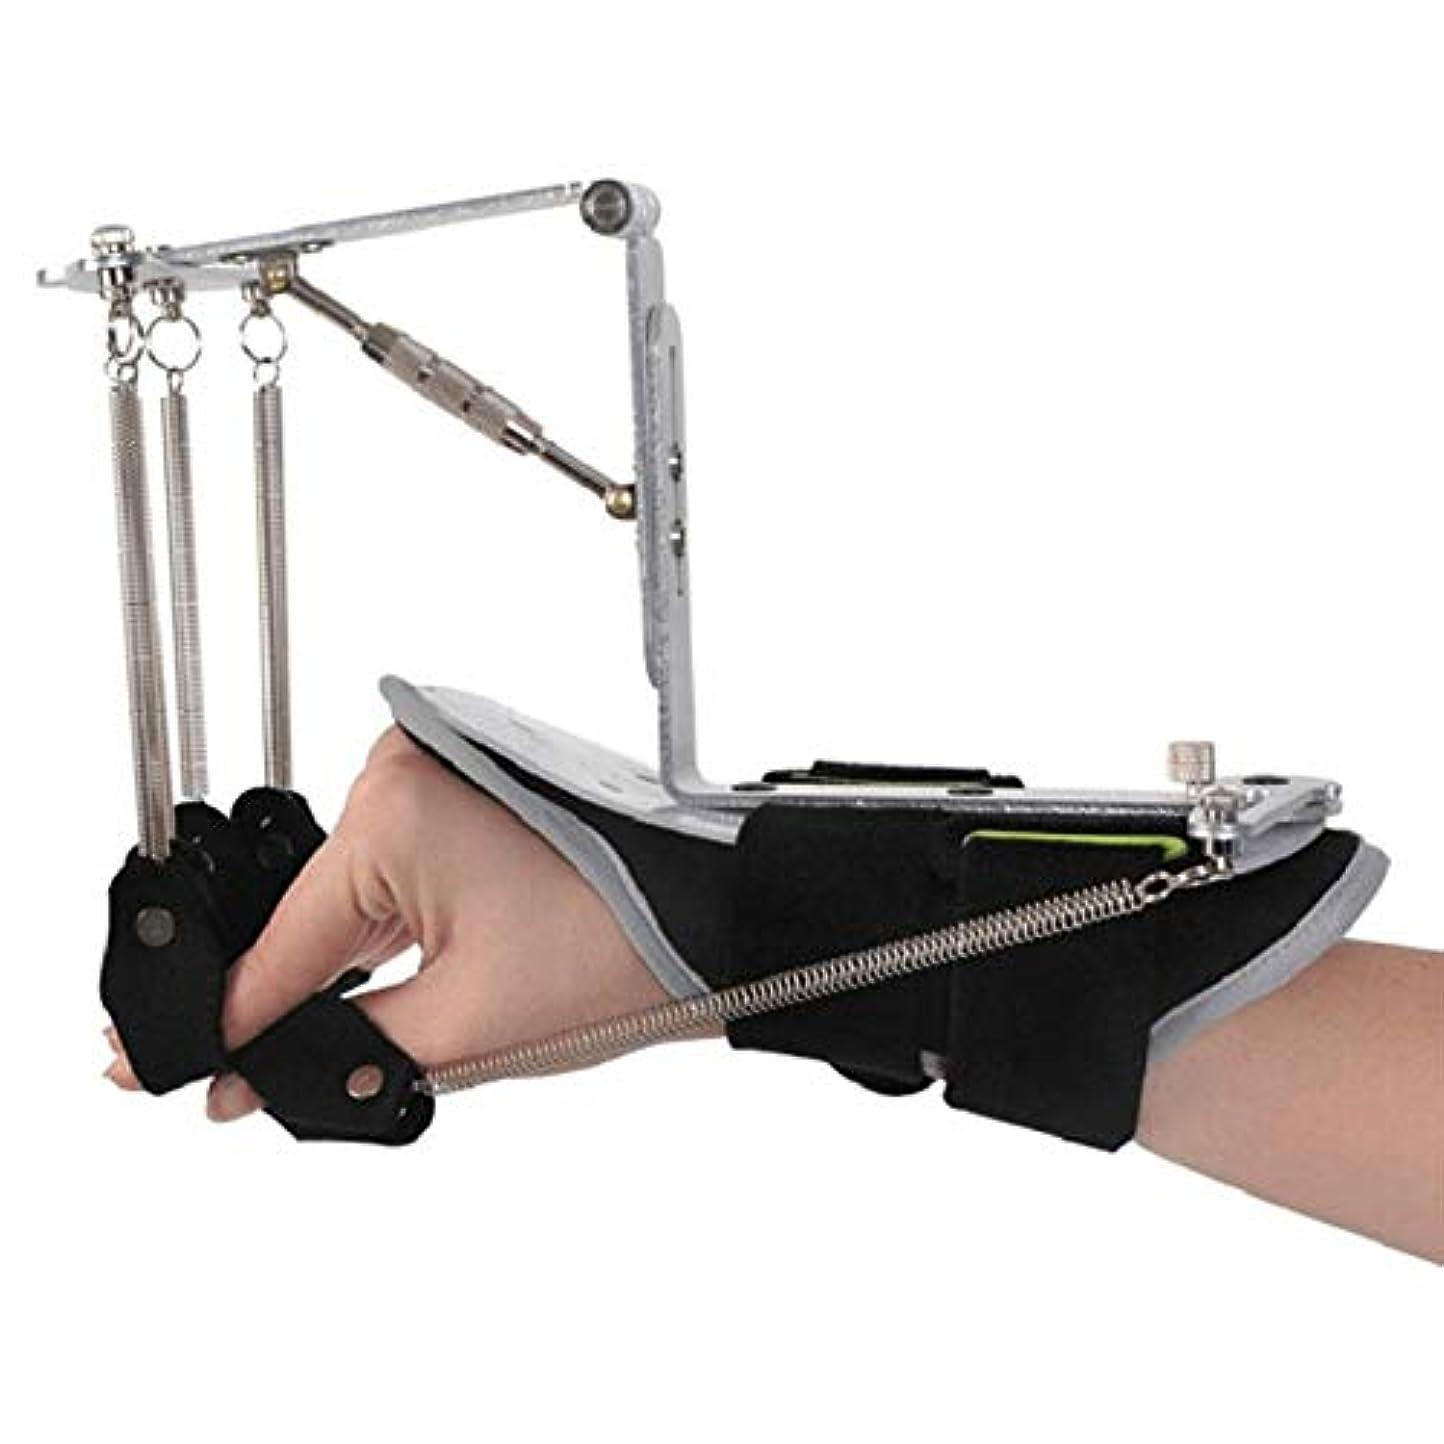 グレーキリマンジャロ鳥脳卒中片麻痺患者のあこがれ演習の修復のためにスプリント指指セパレーターアジャスタブルフィンガー手首インソールエクセリハビリデバイスを指